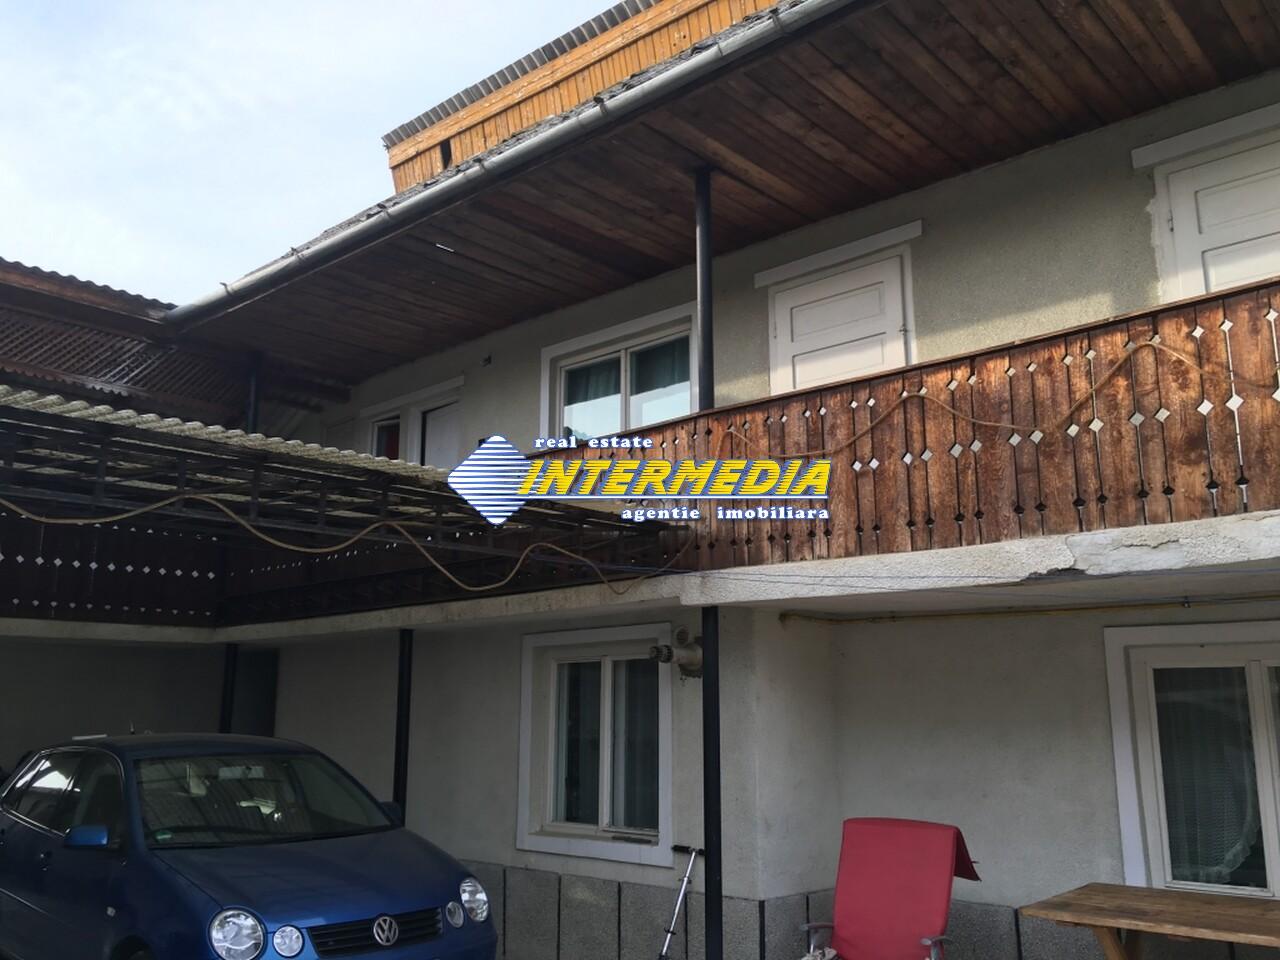 Casa 9 camere si Teren 2500 mp. de vanzare zona Santimbru-22684-24